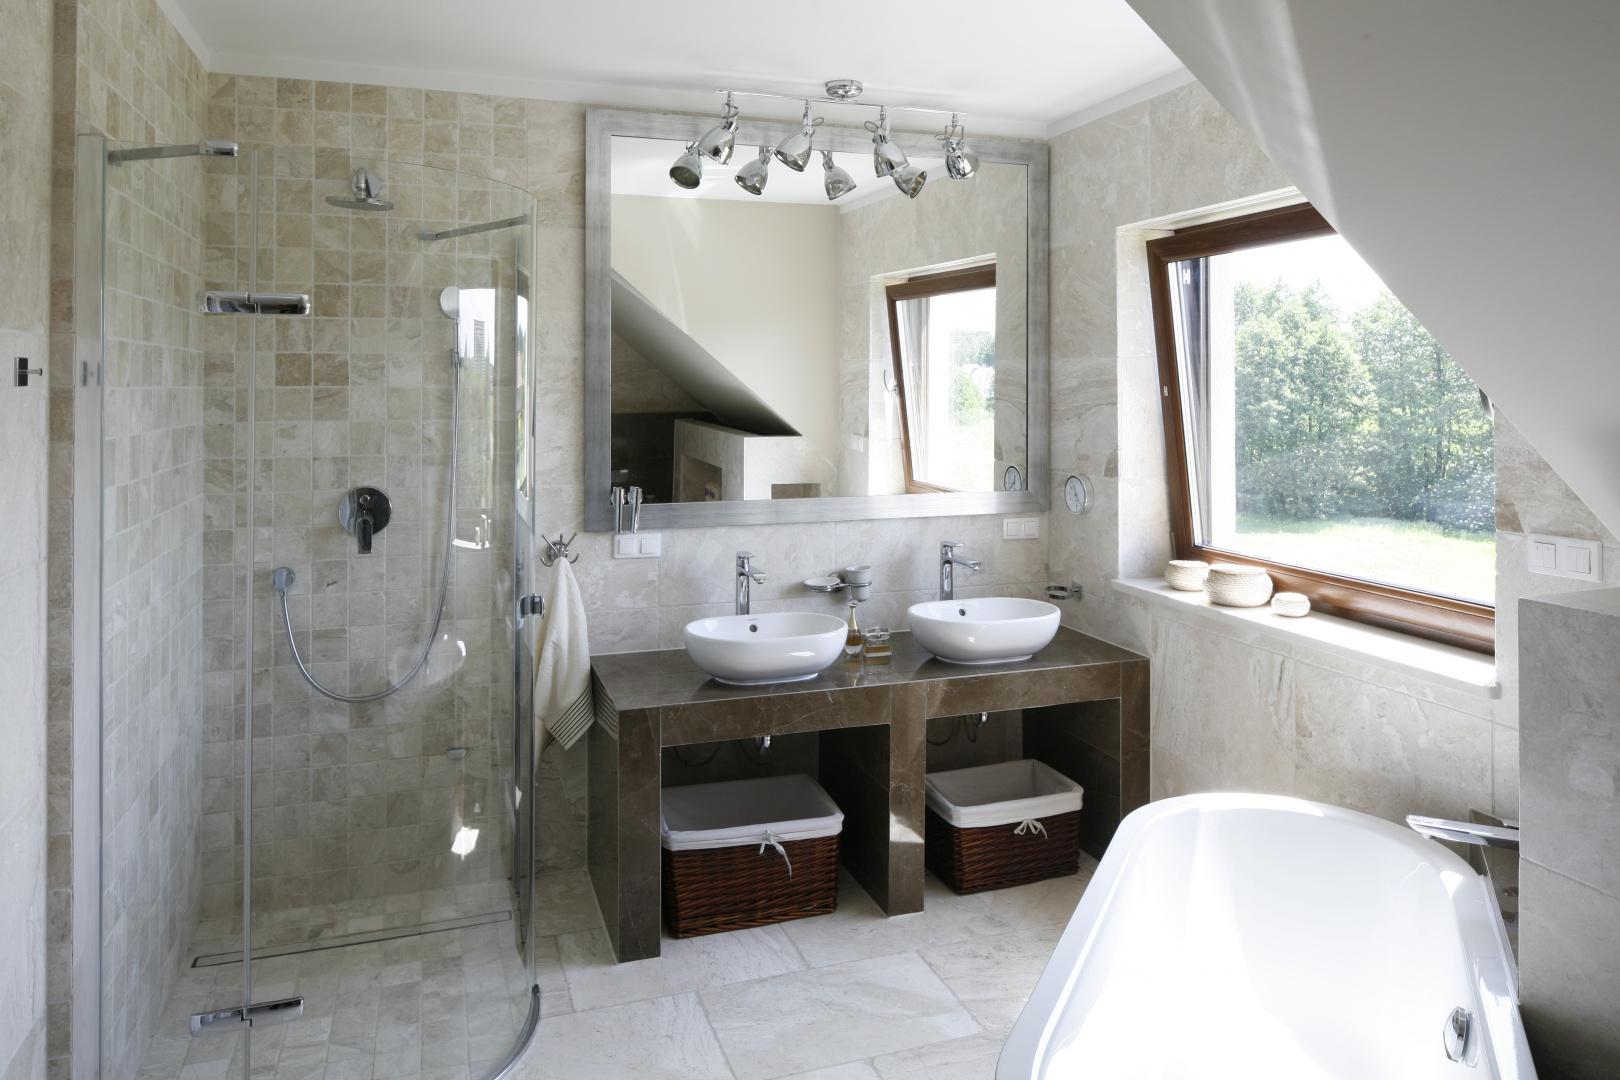 Aranżacja łazienki: pomysł na umywalkę. Projekt: Beata Ignasiak. Fot. Bartosz Jarosz